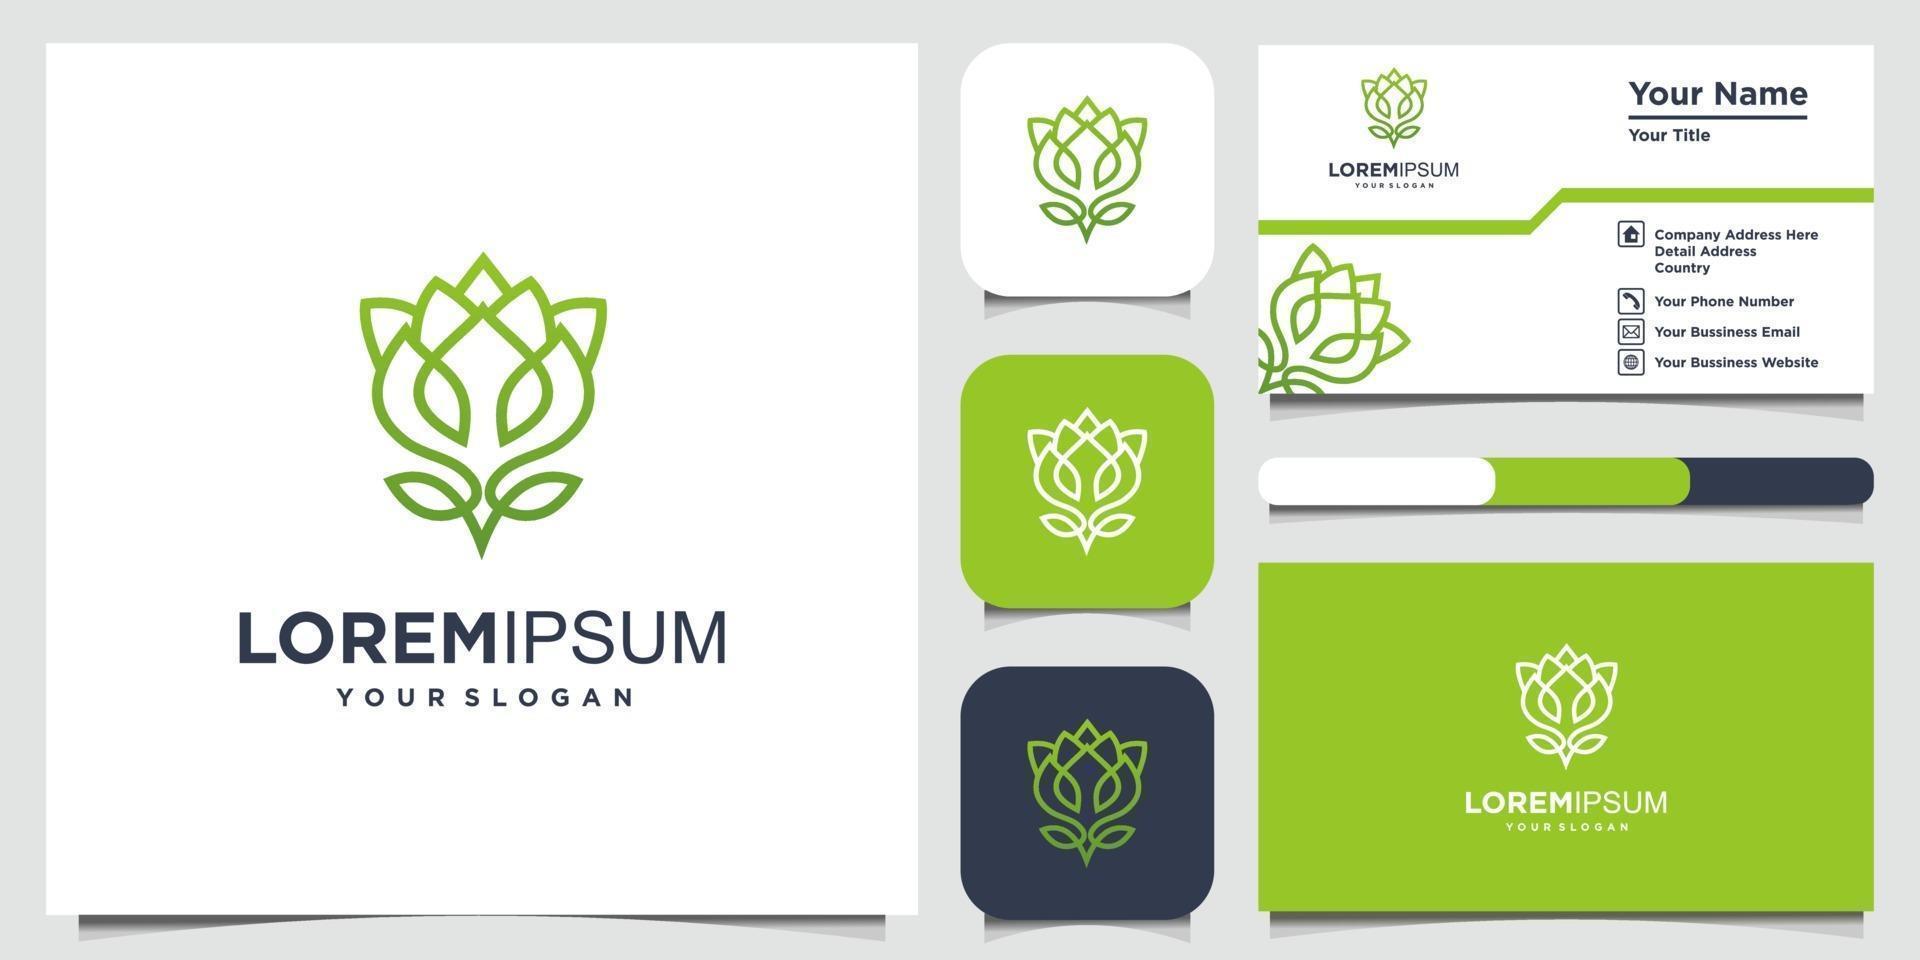 bloemlogo-ontwerp met lijnstijl en visitekaartje vector